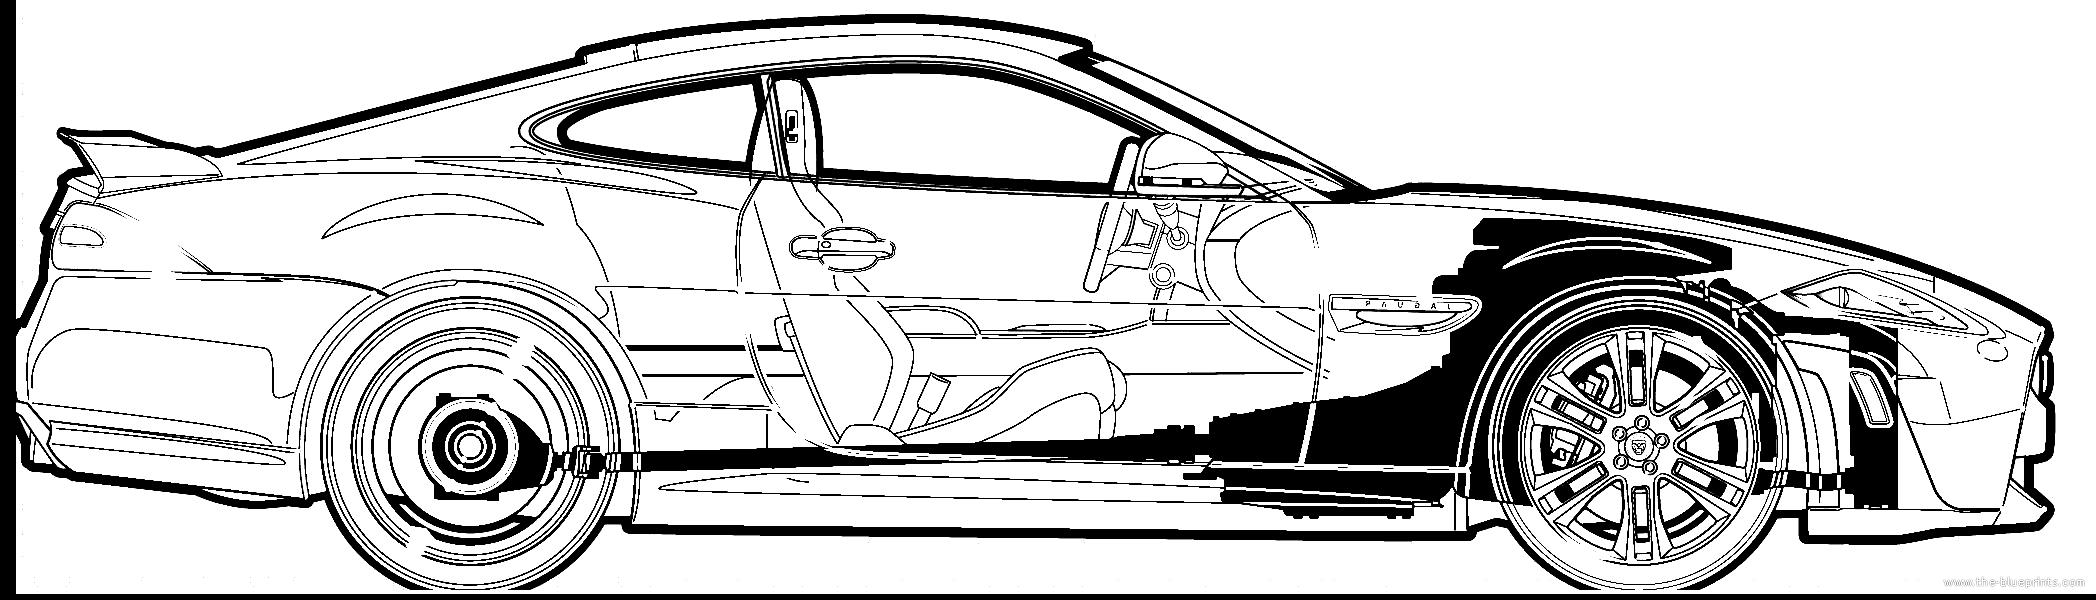 jaguar-xkr-s-2012-2.png